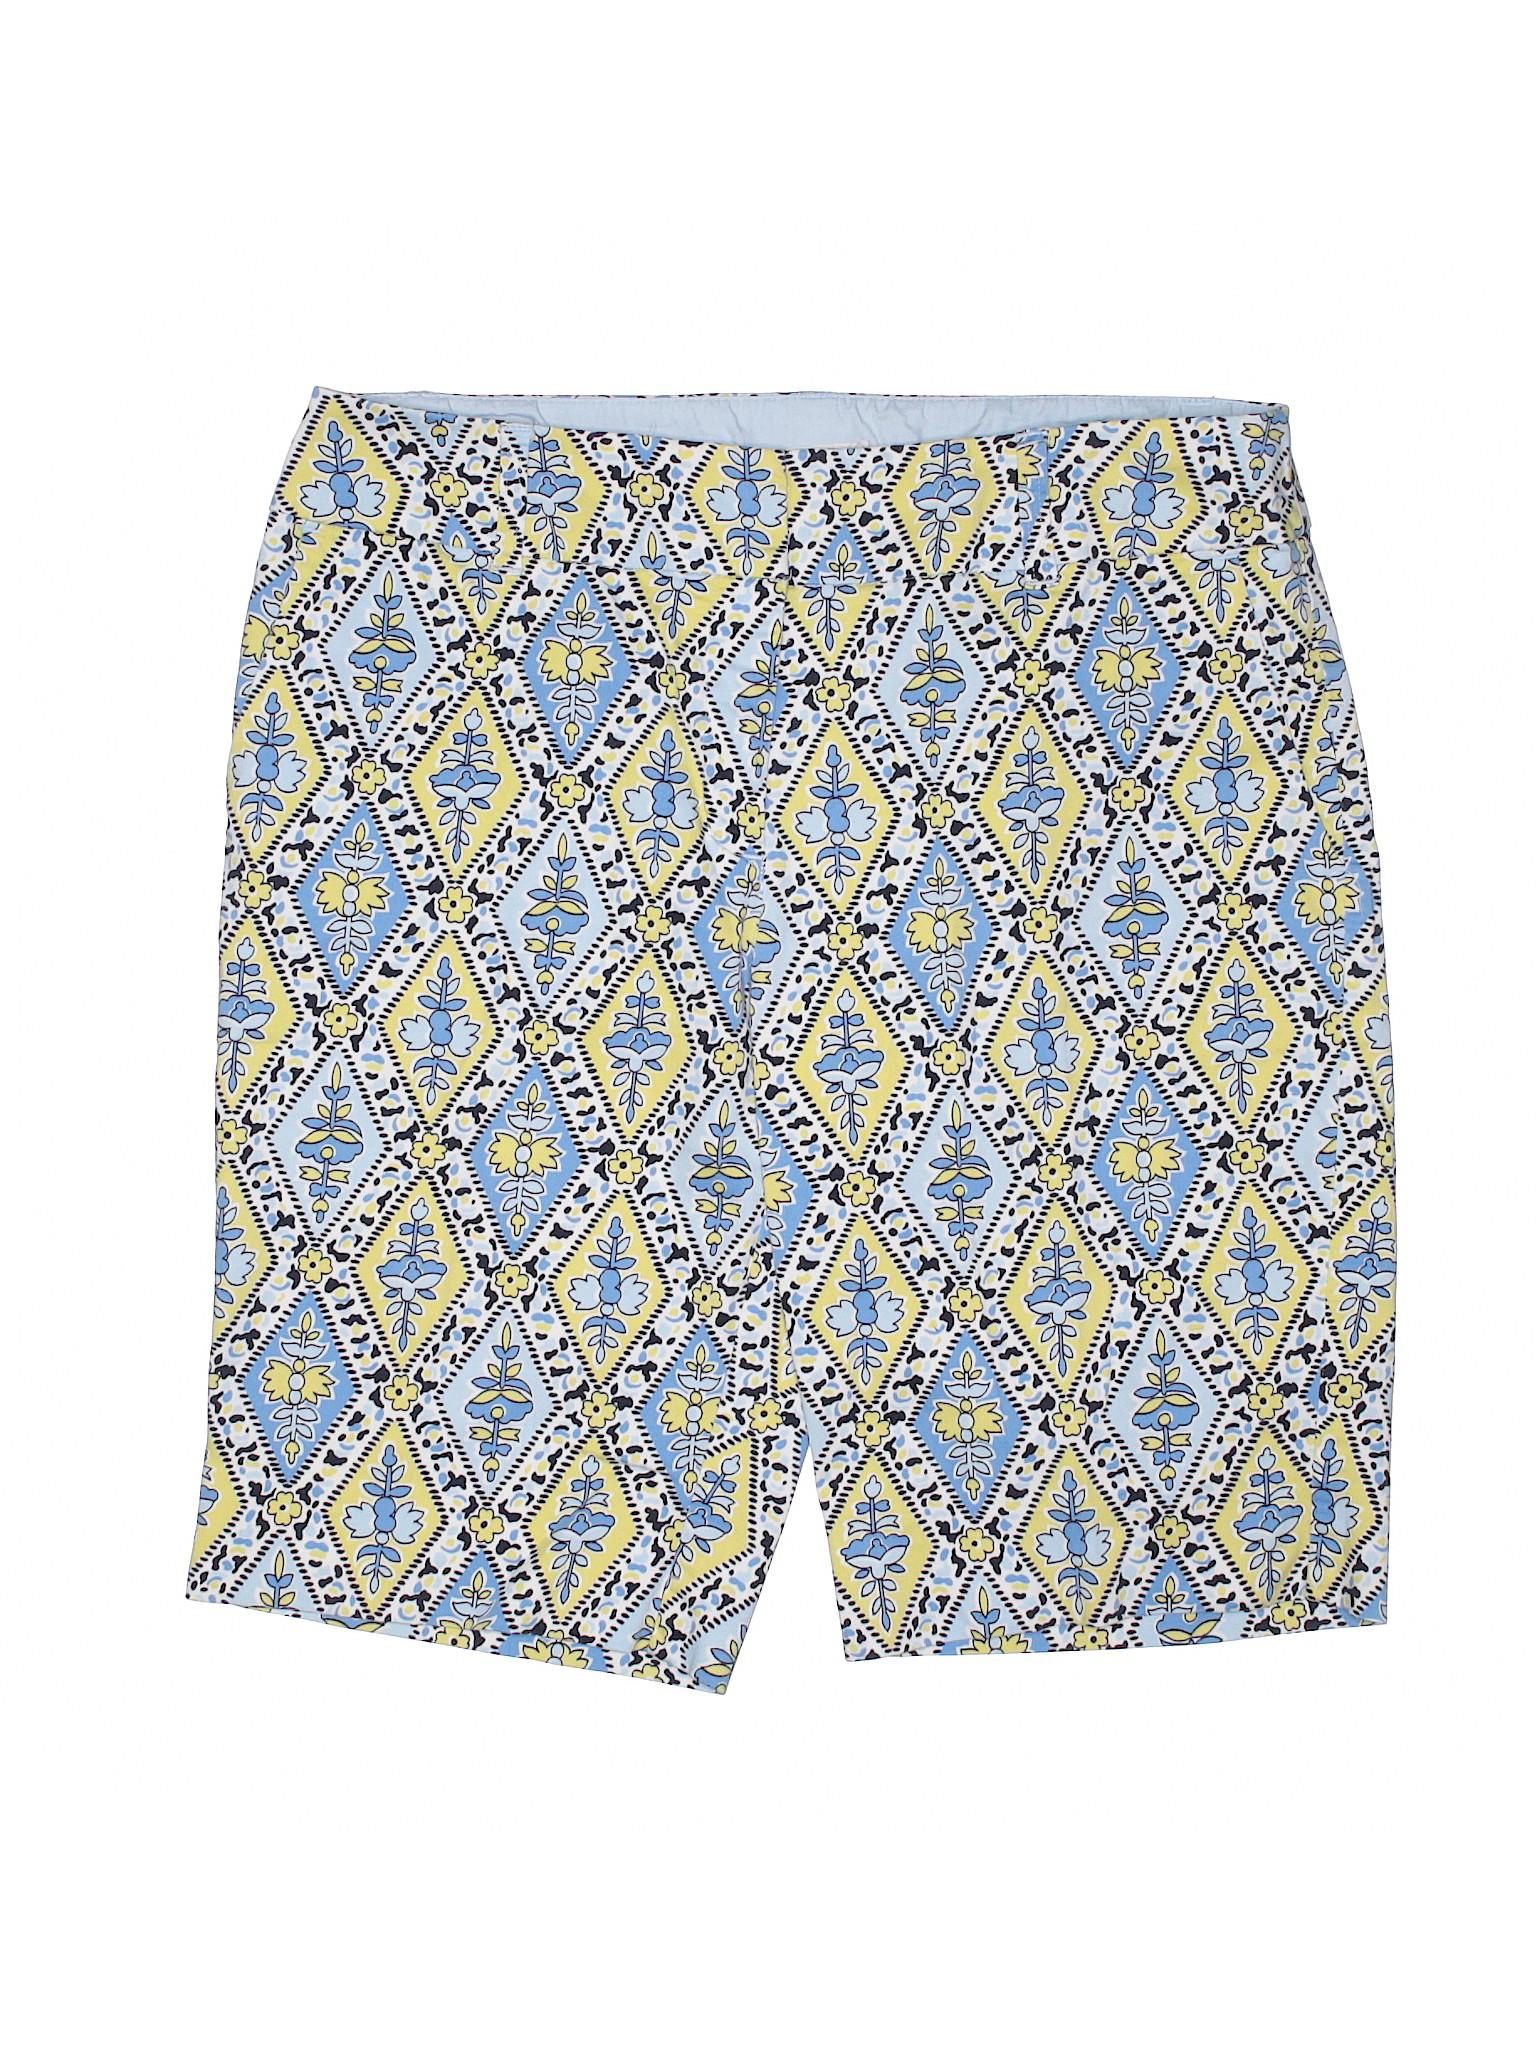 Harold's Shorts Boutique Harold's Shorts Shorts Boutique Harold's Boutique Boutique Harold's CwqfqXZ